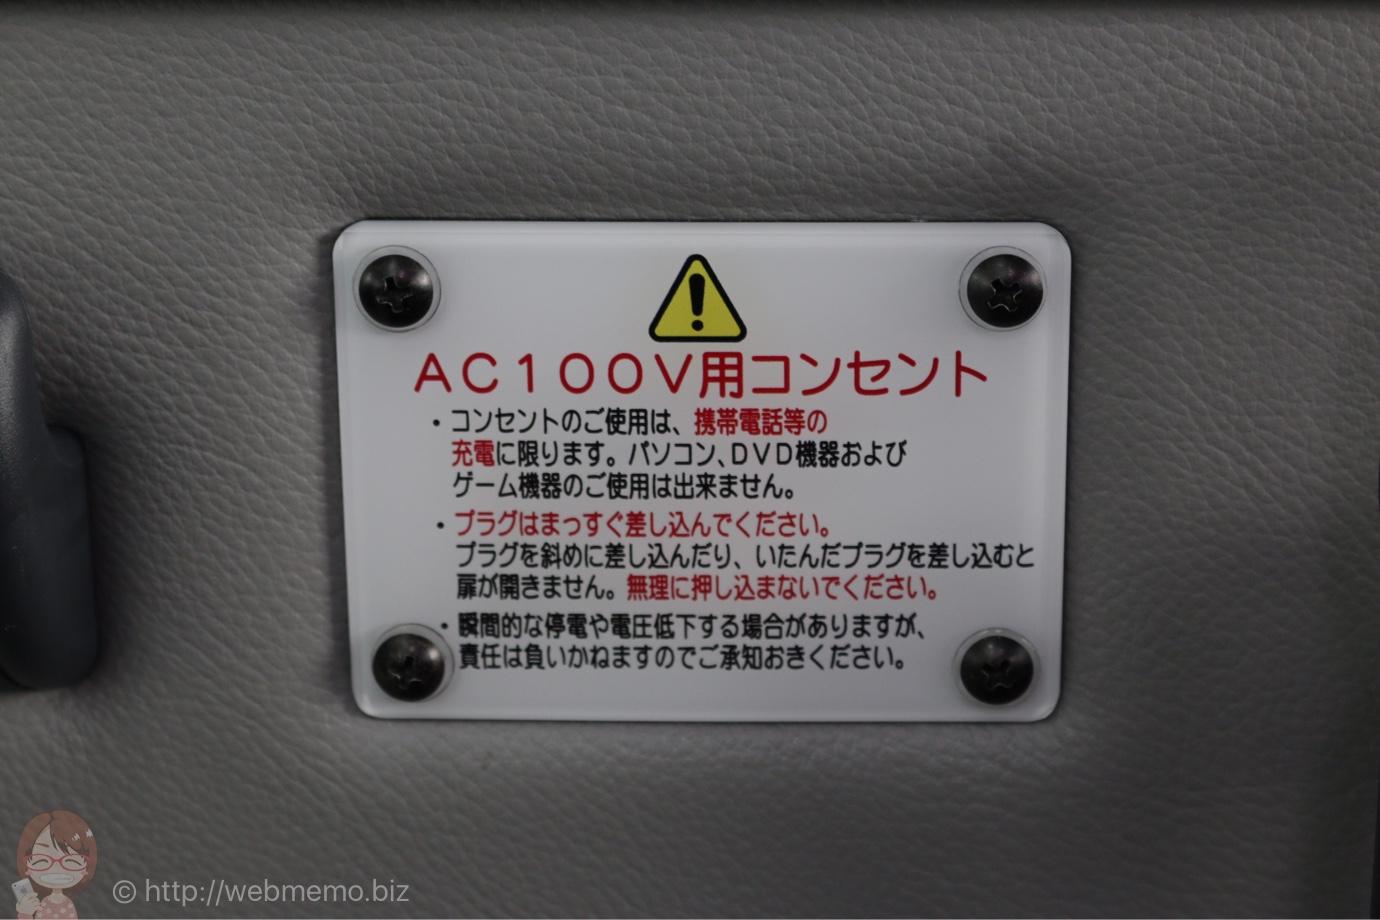 100Vまでのコンセント